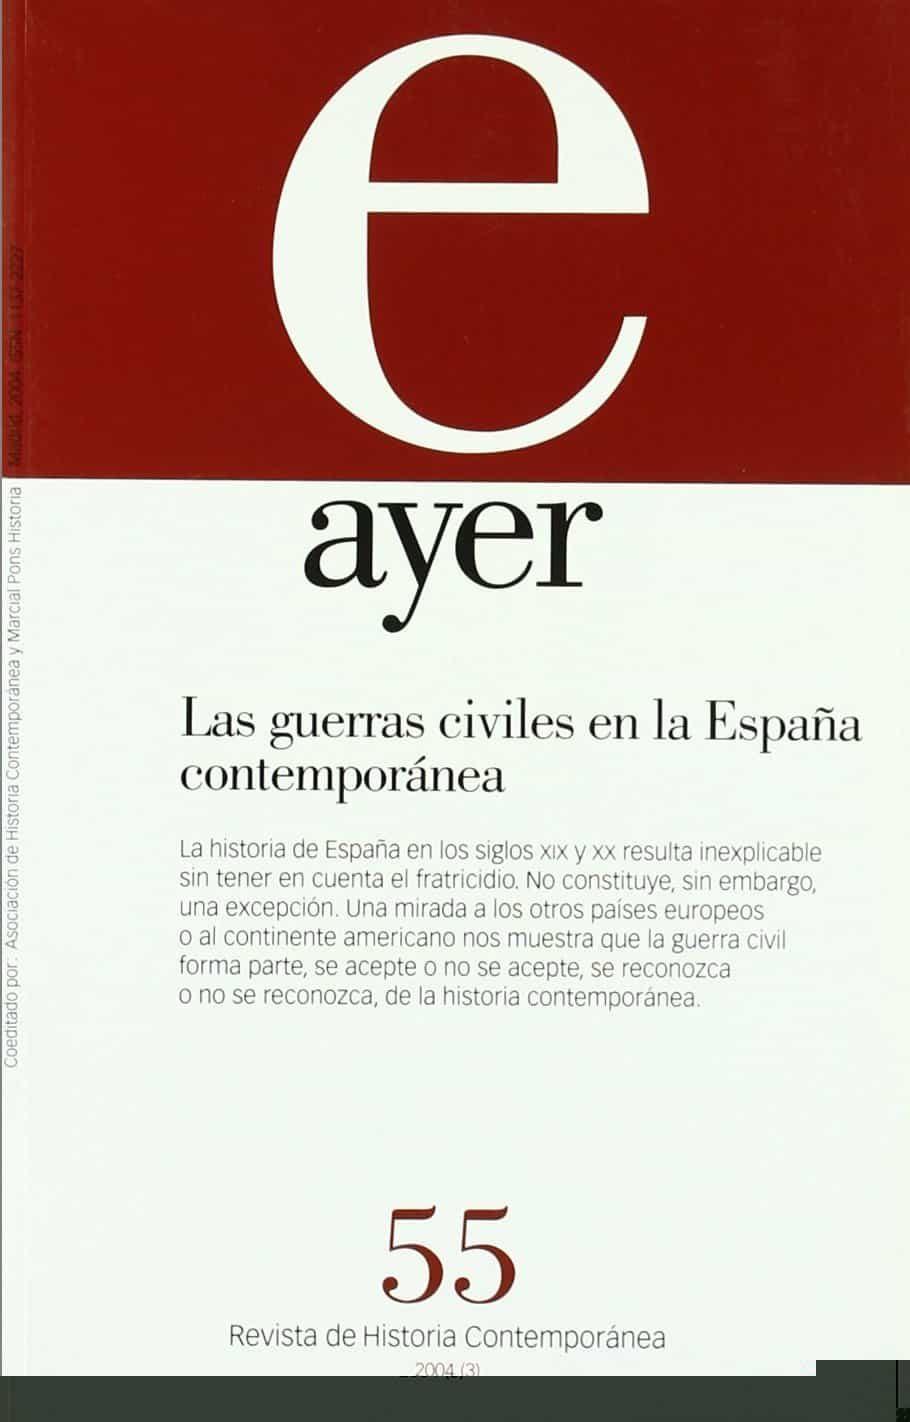 Ayer Nº 55: Revista De Historia Contemporanea (2004): Las Guerras Civiles En La España Contemporanea por Jordi Canal epub